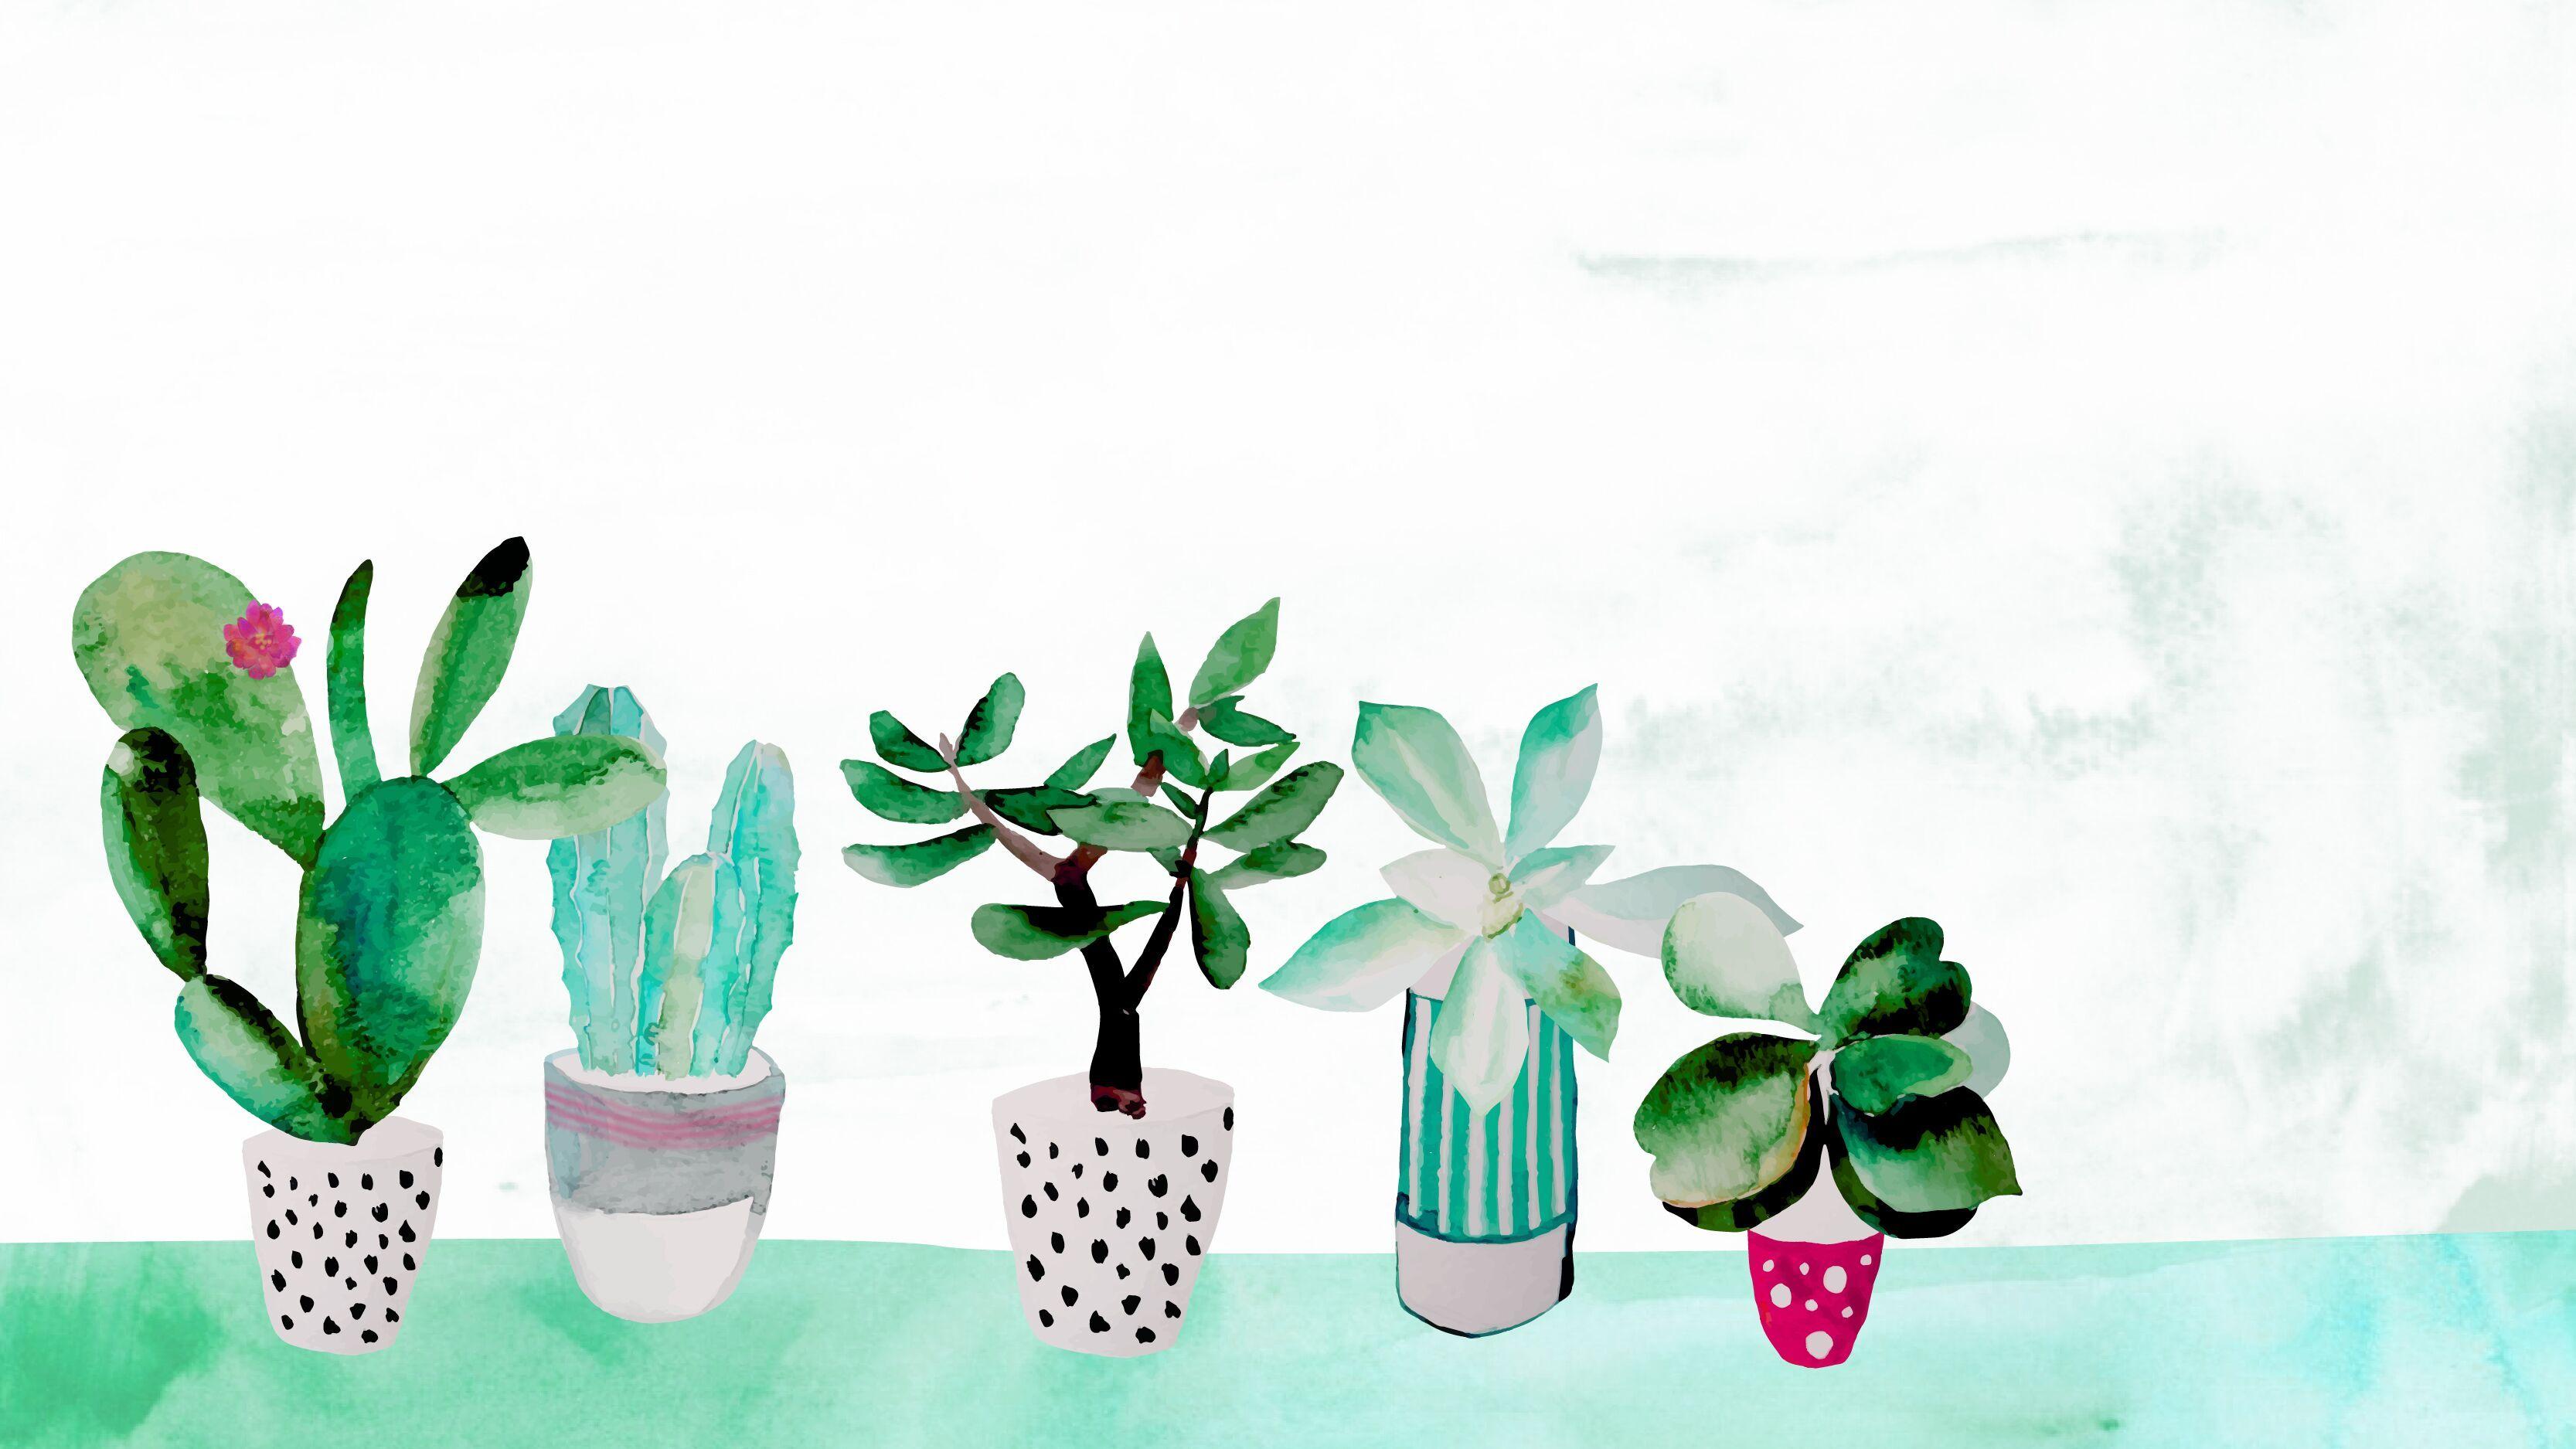 Aesthetic Plant Wallpaper Desktop